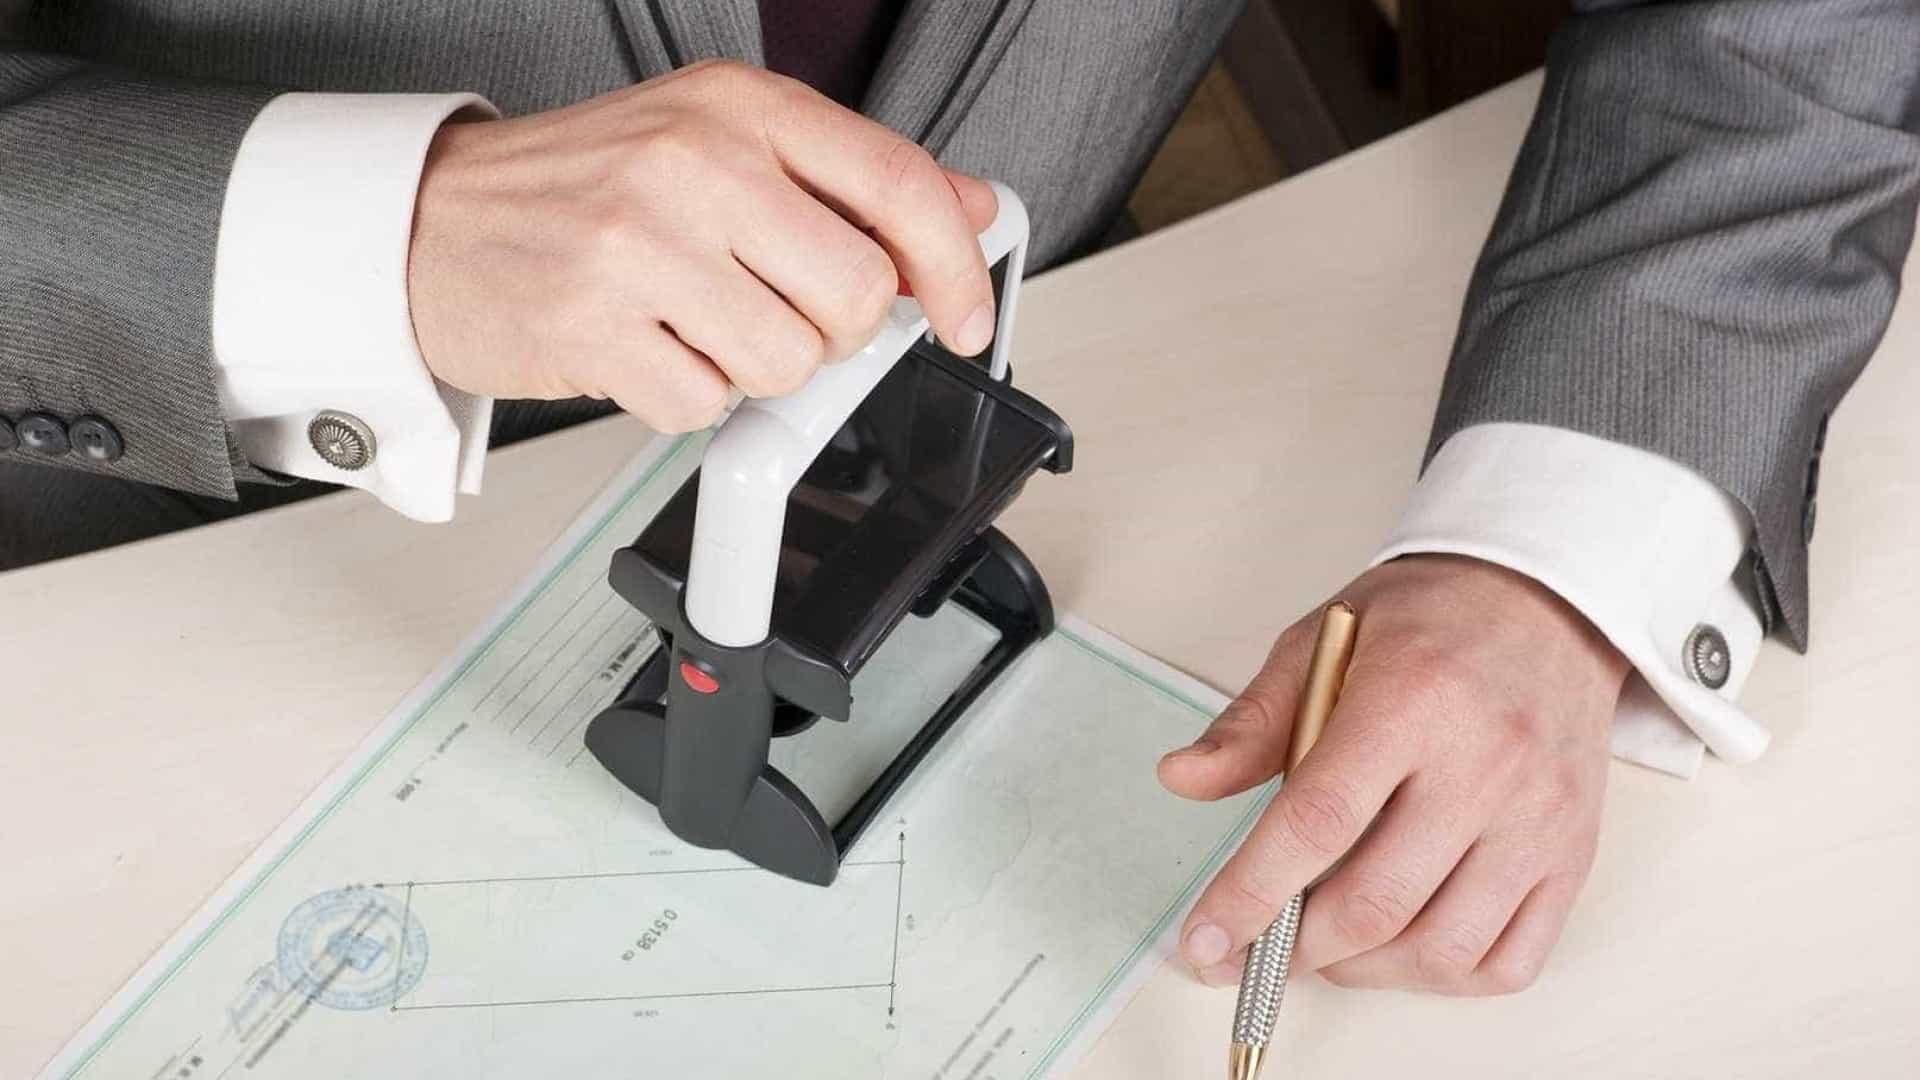 naom 56603d7a09e9a - FACILIDADE! Cartórios já podem autenticar documentos por meio digital